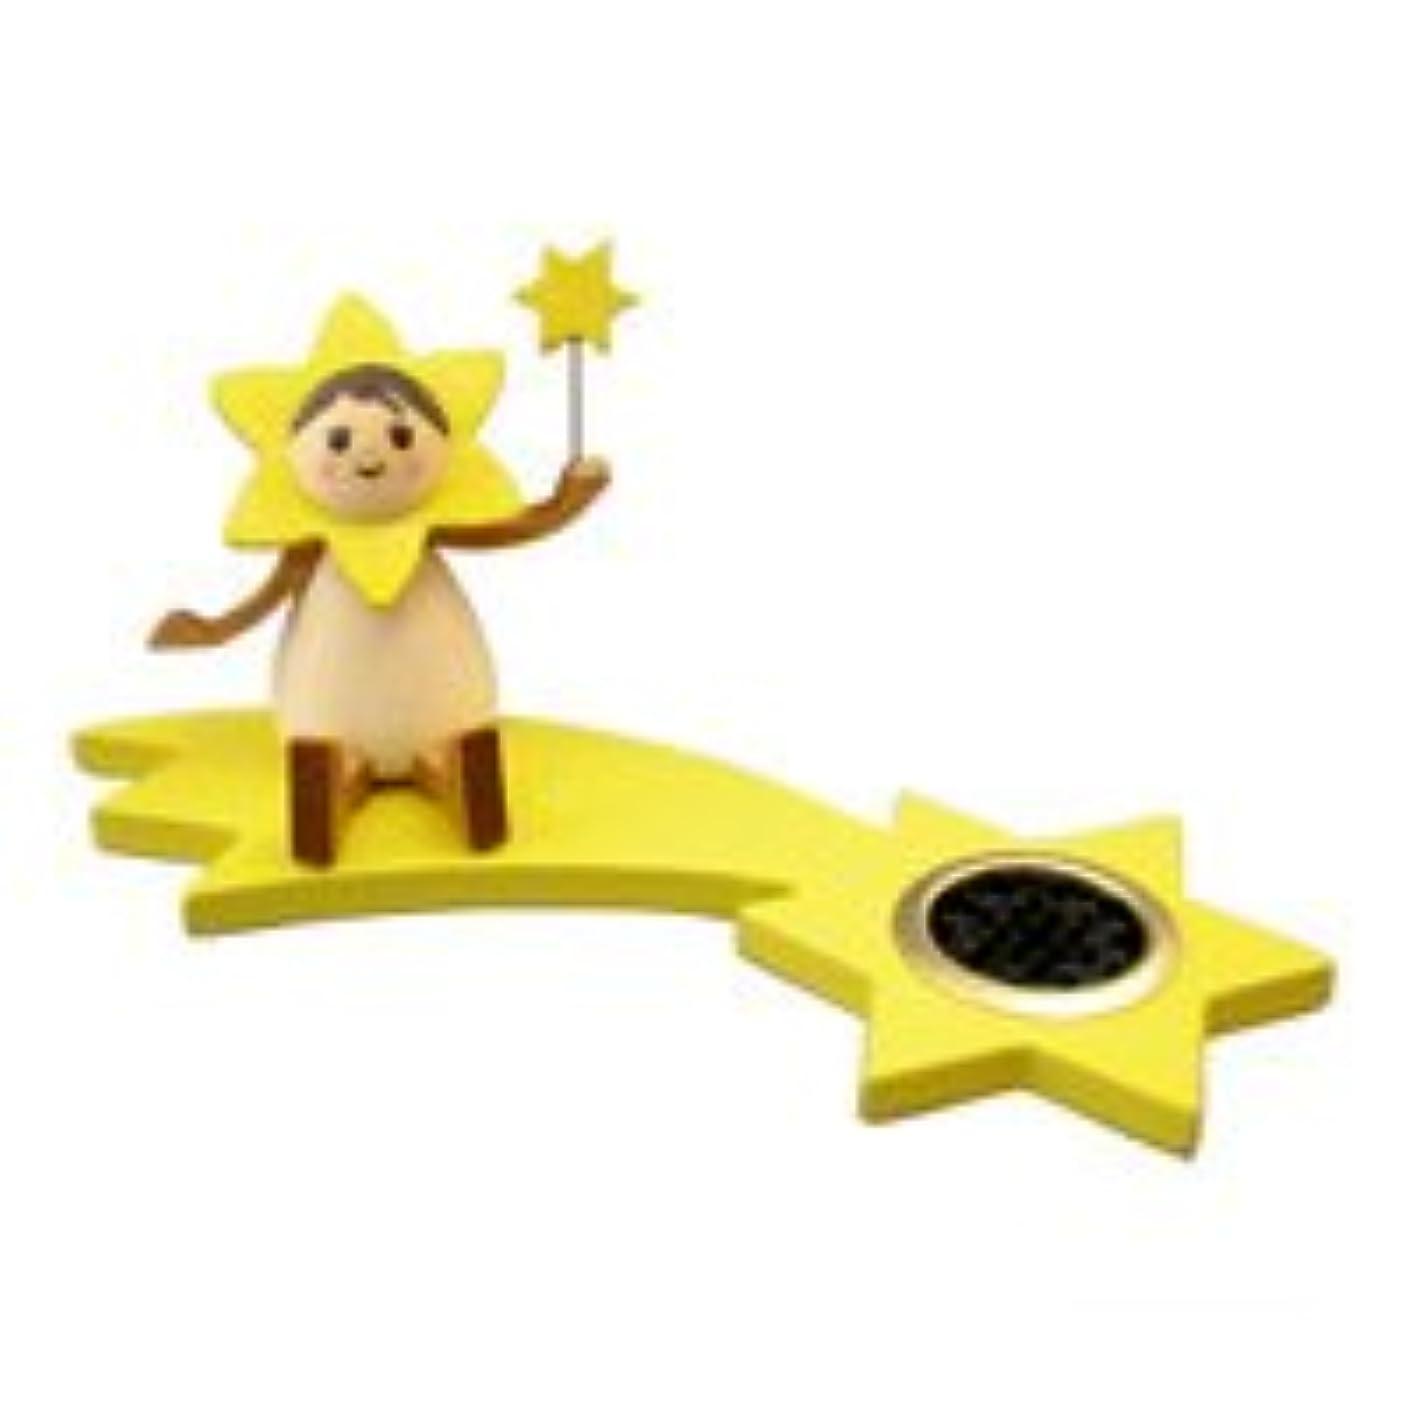 ぬれた革新囲まれたインセンススタンド(香皿) 星の妖精 スター(座り) 【クーネルト】